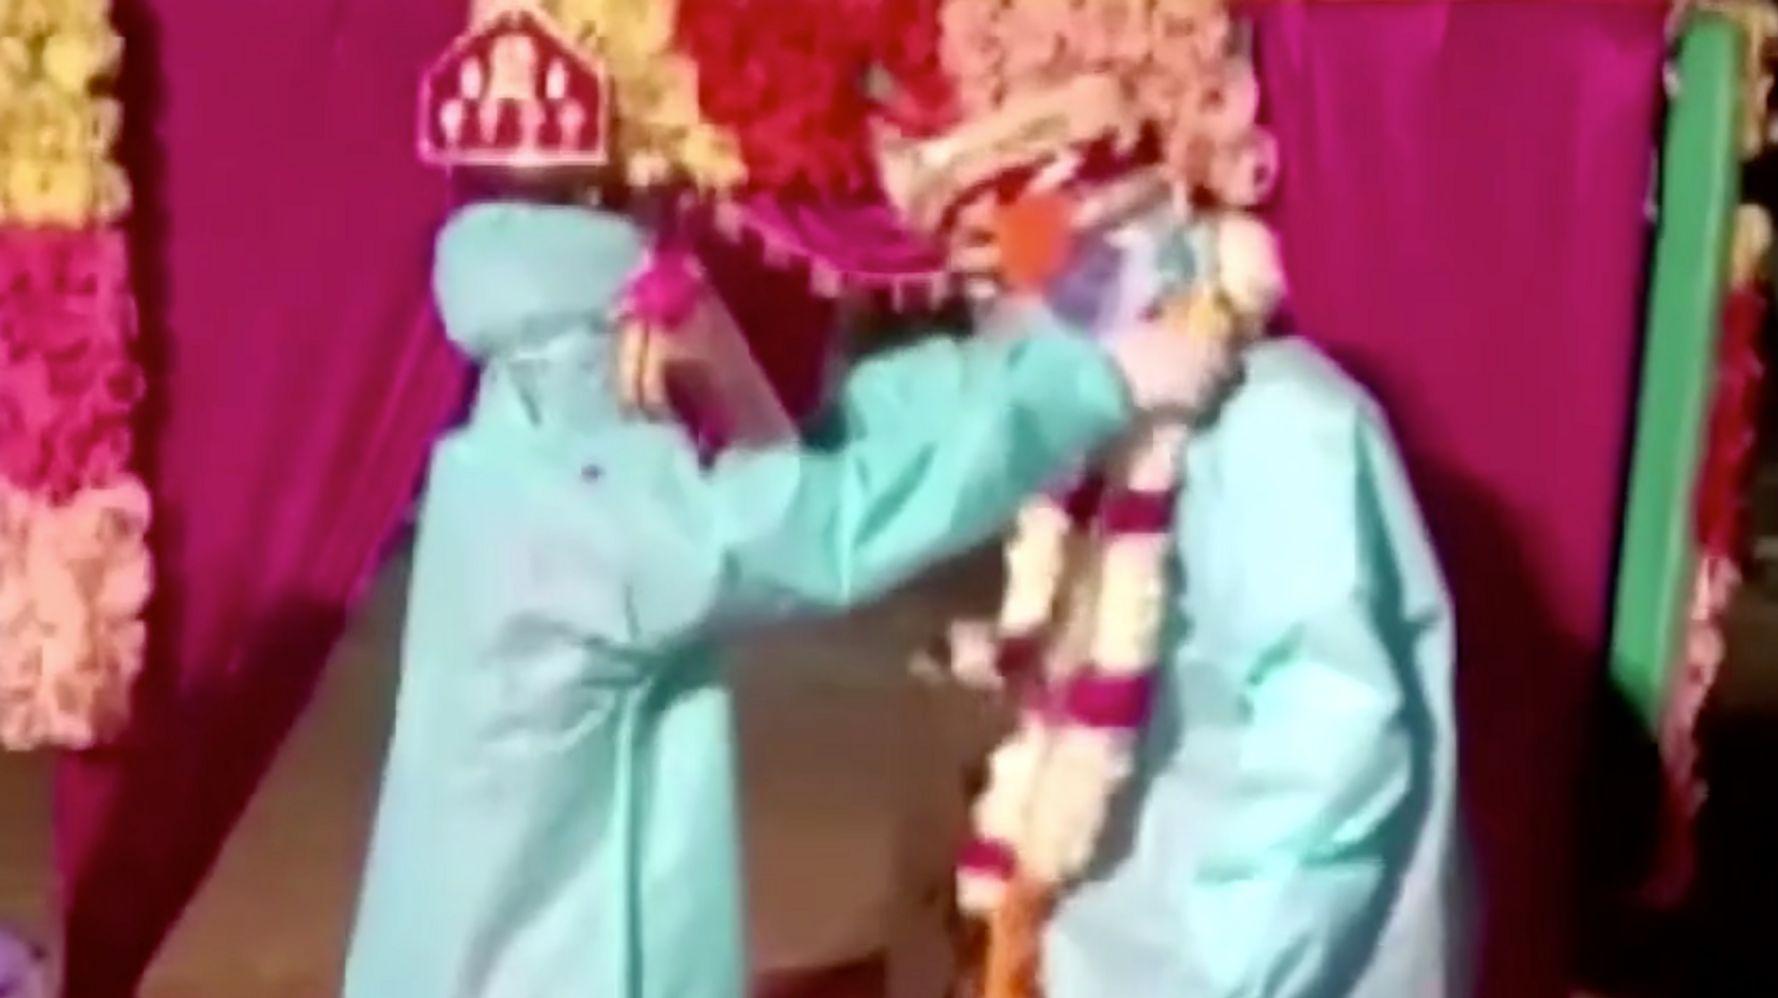 Prueba positiva de novia india para COVID-19, se casa con traje de materiales peligrosos